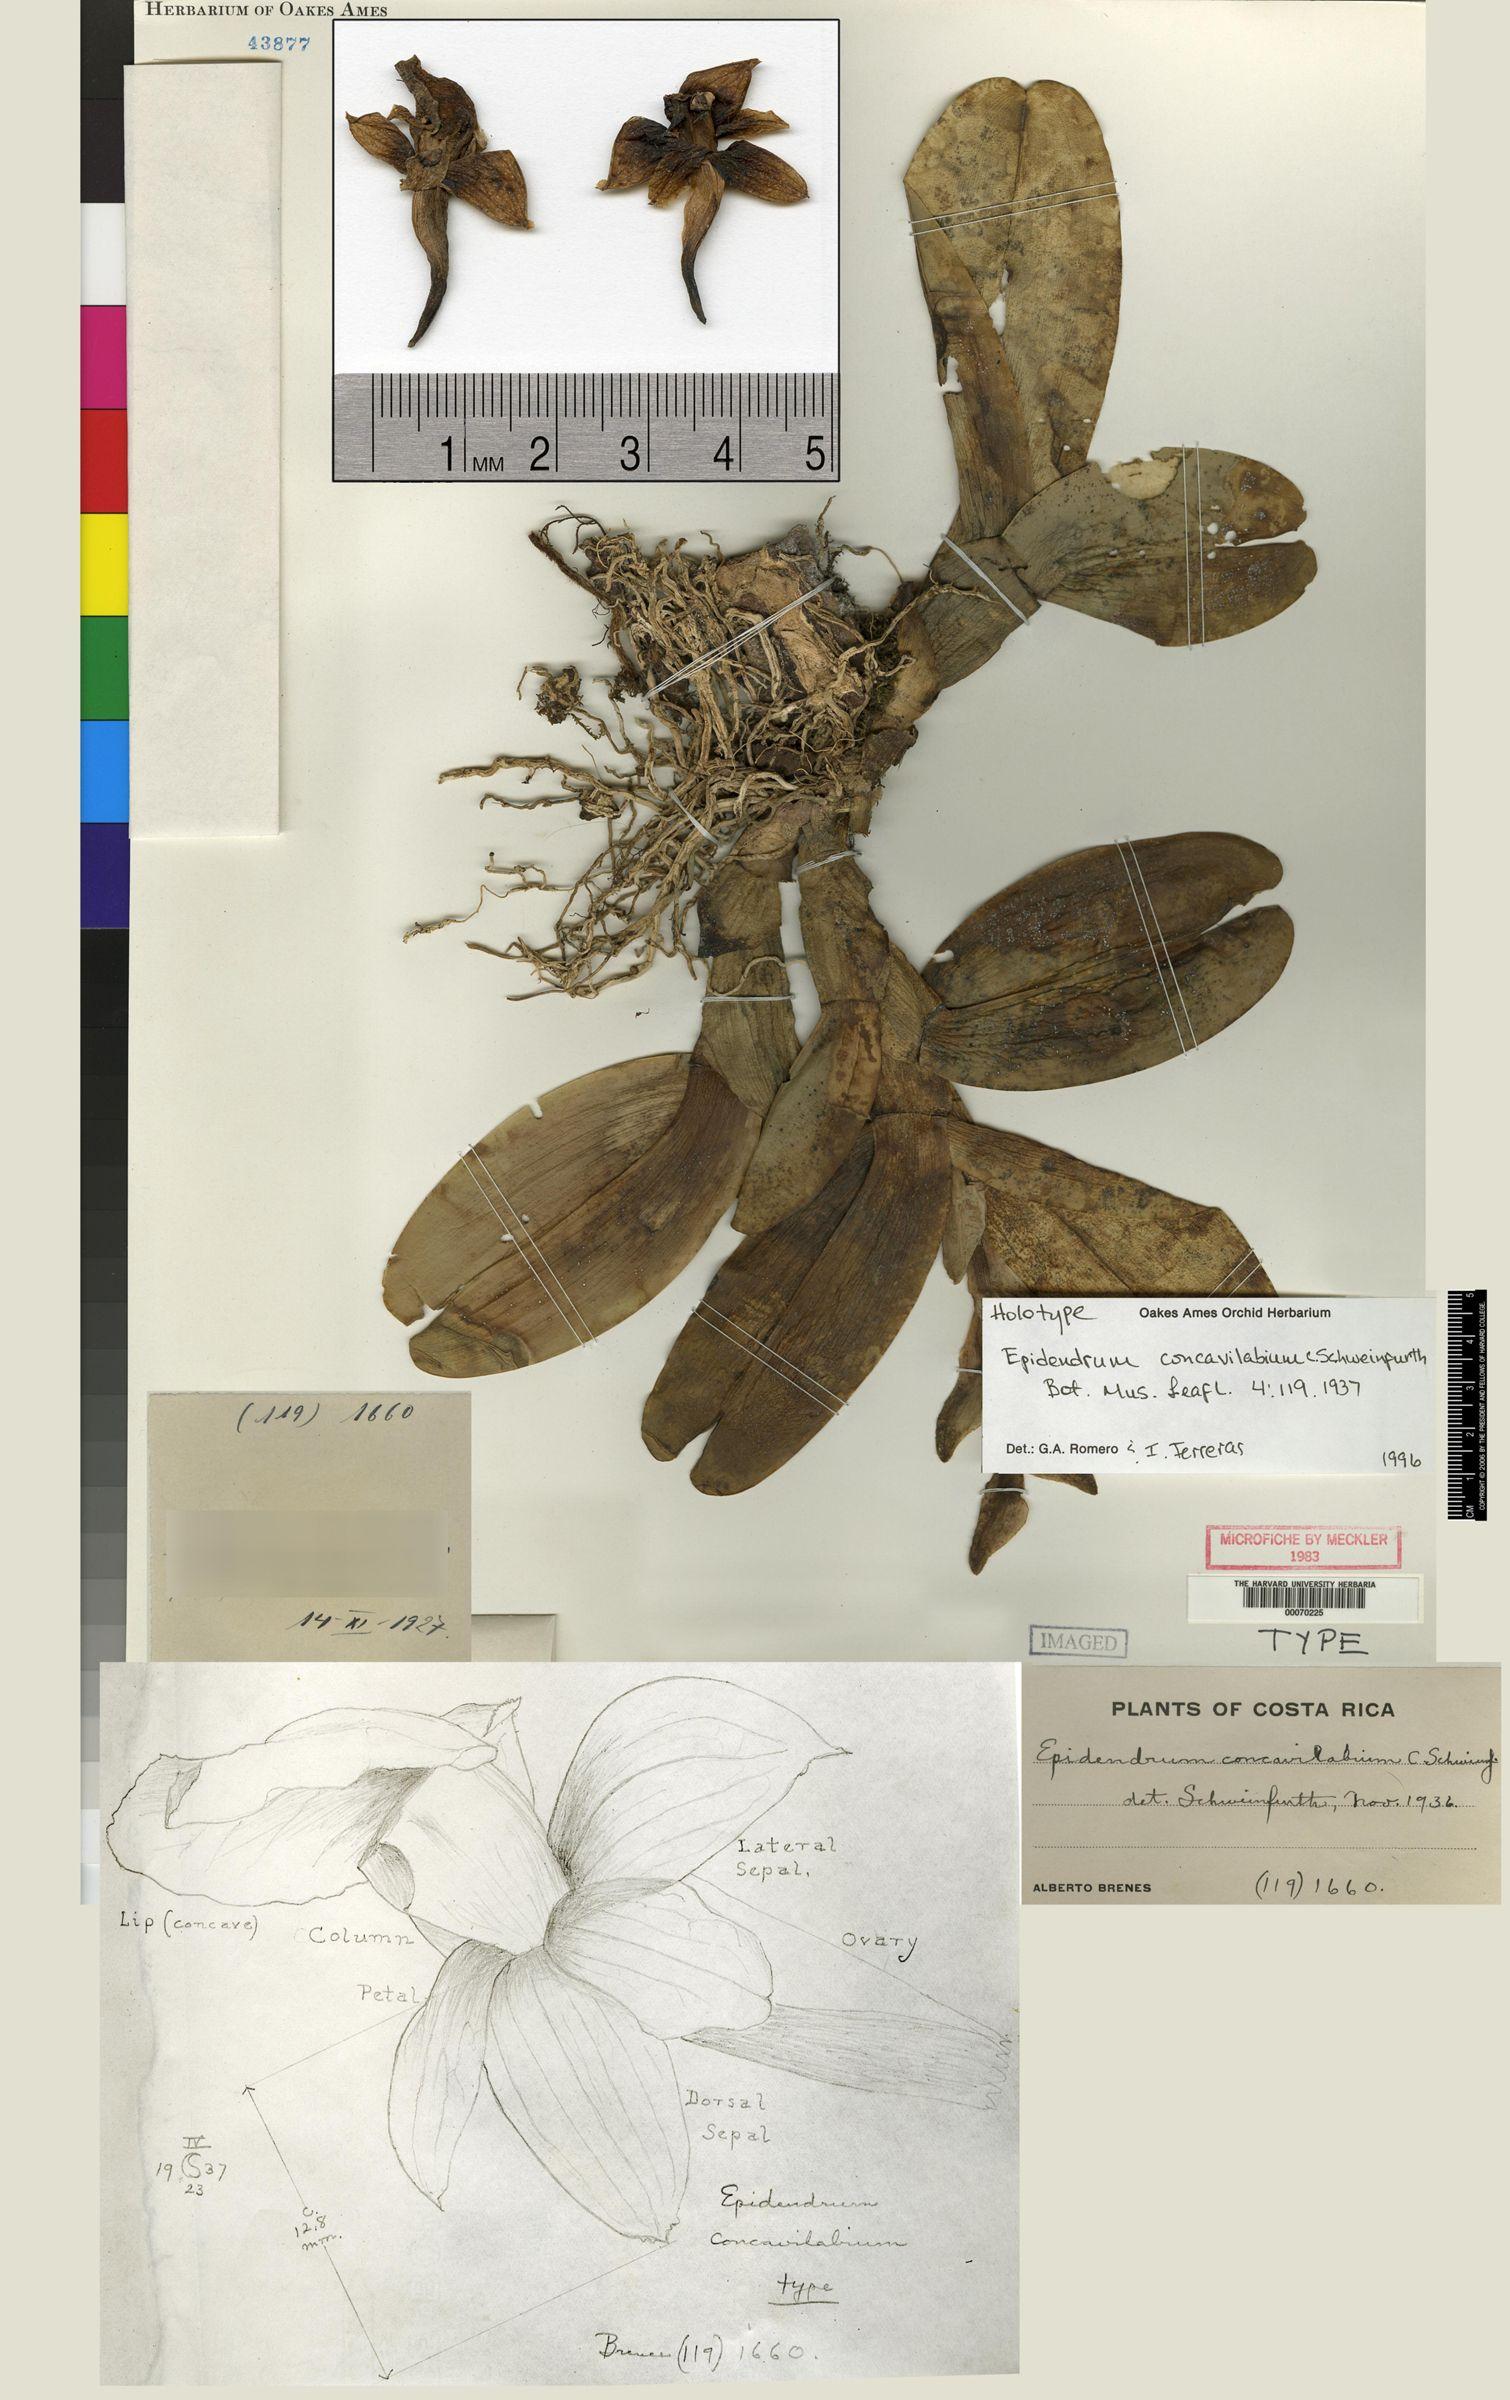 Epidendrum concavilabium image